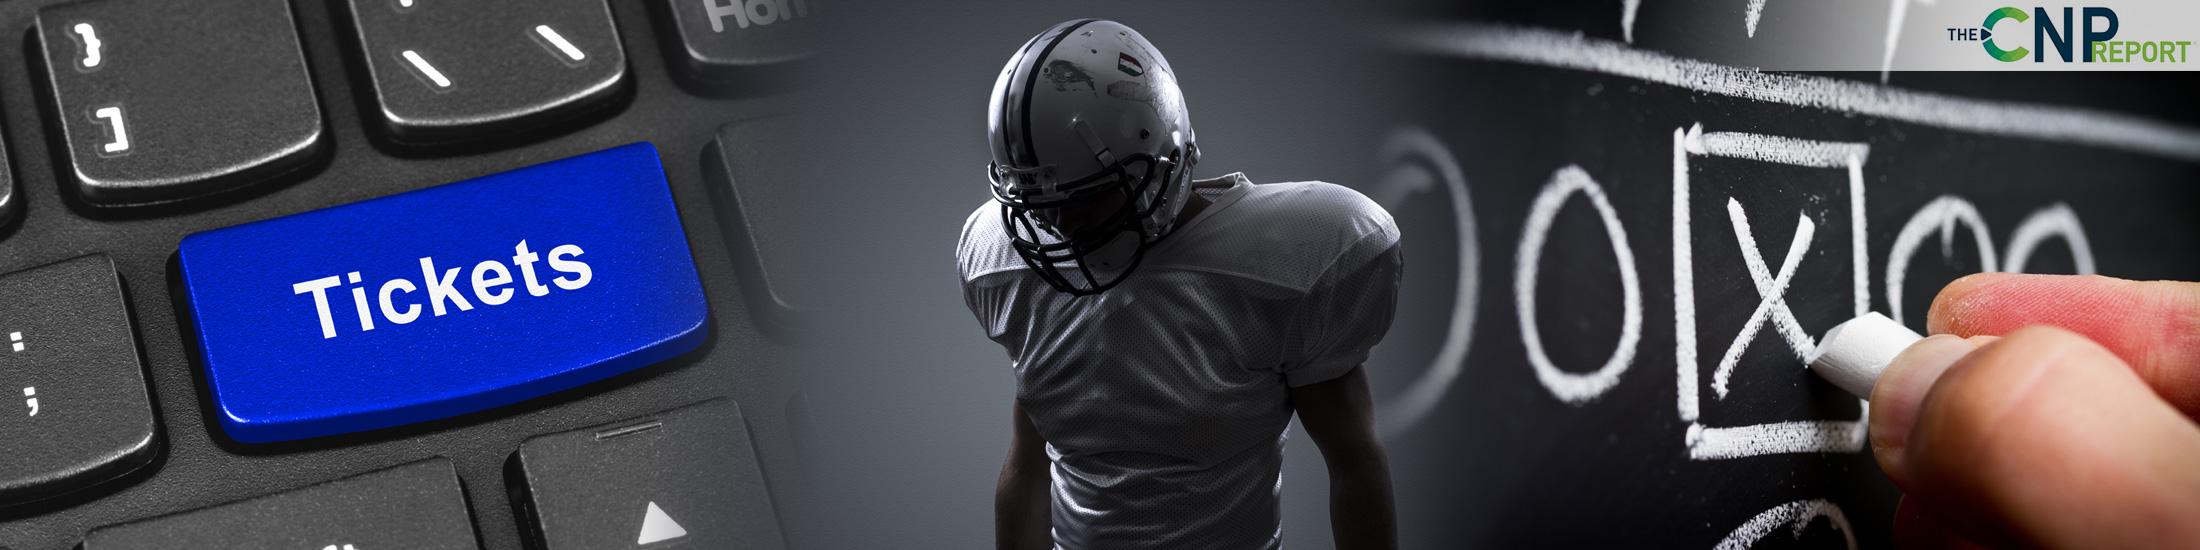 Fraudsters Targeting Ticketing Sites Ahead of Super Bowl LIII